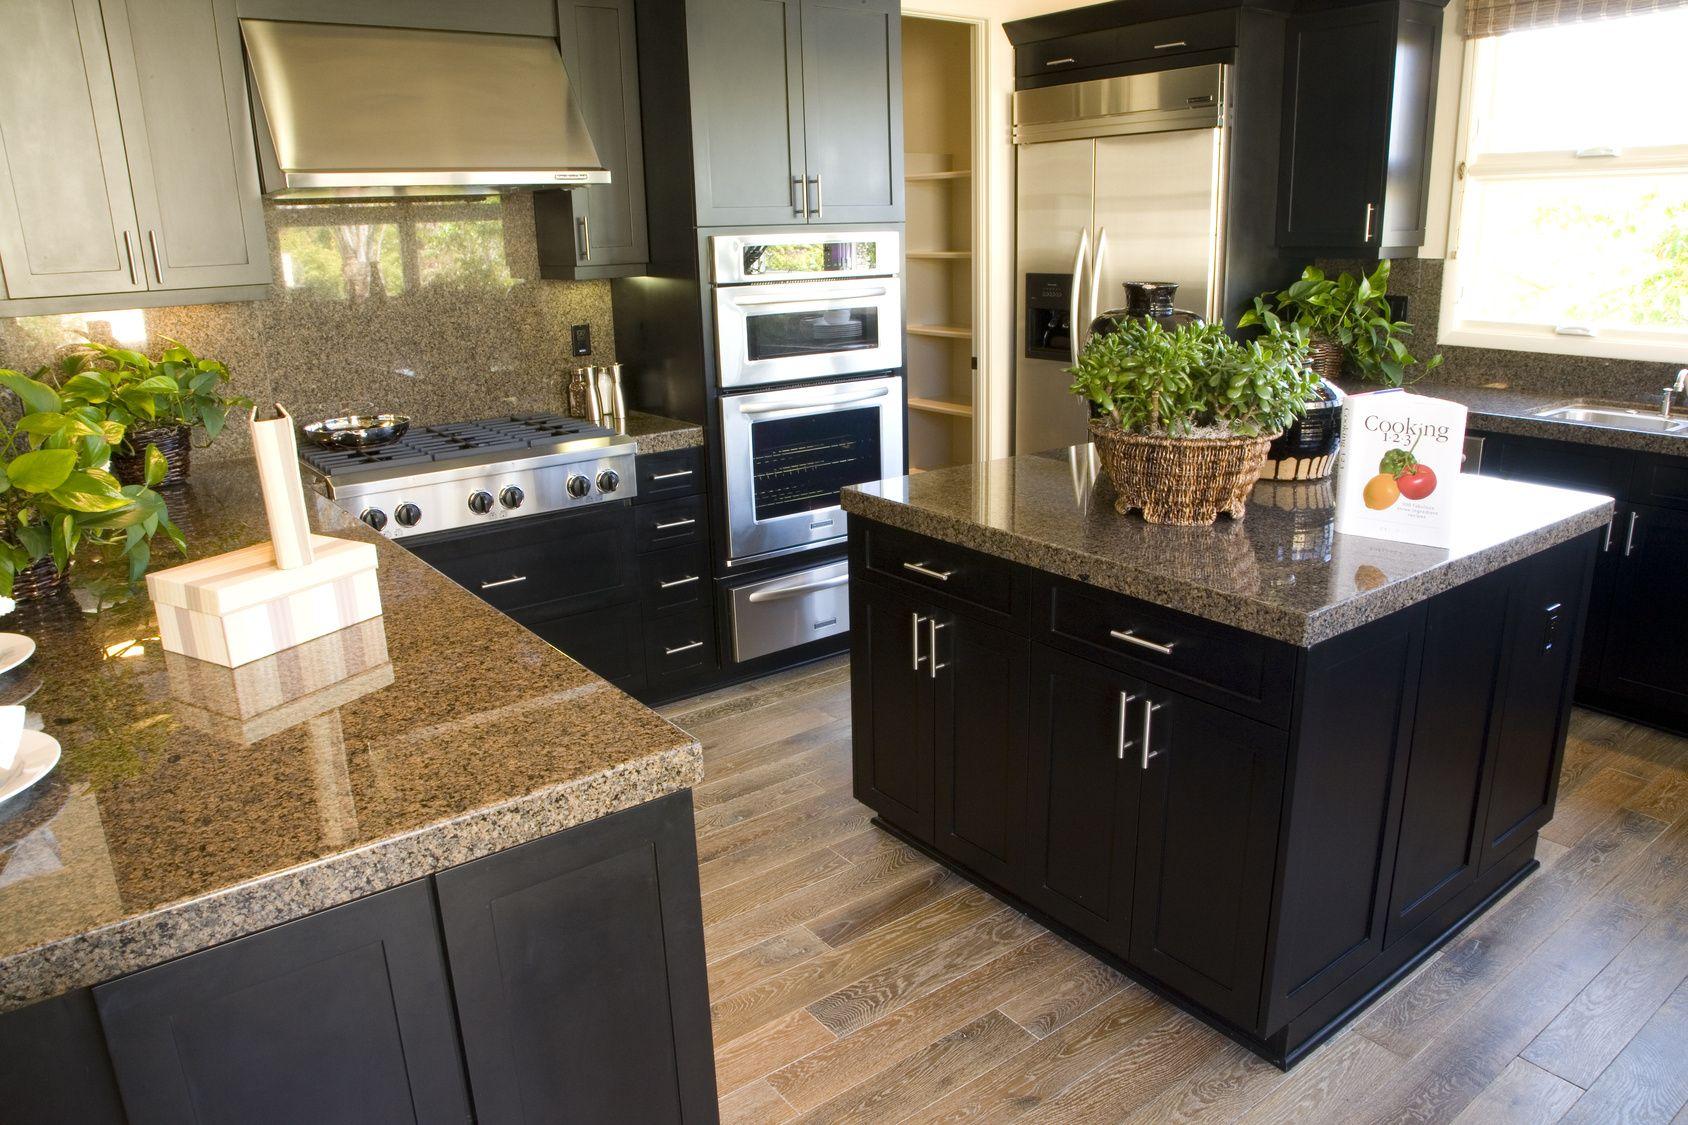 Luxuriöse Küche in stilvoller Holzoptik Dark kitchen